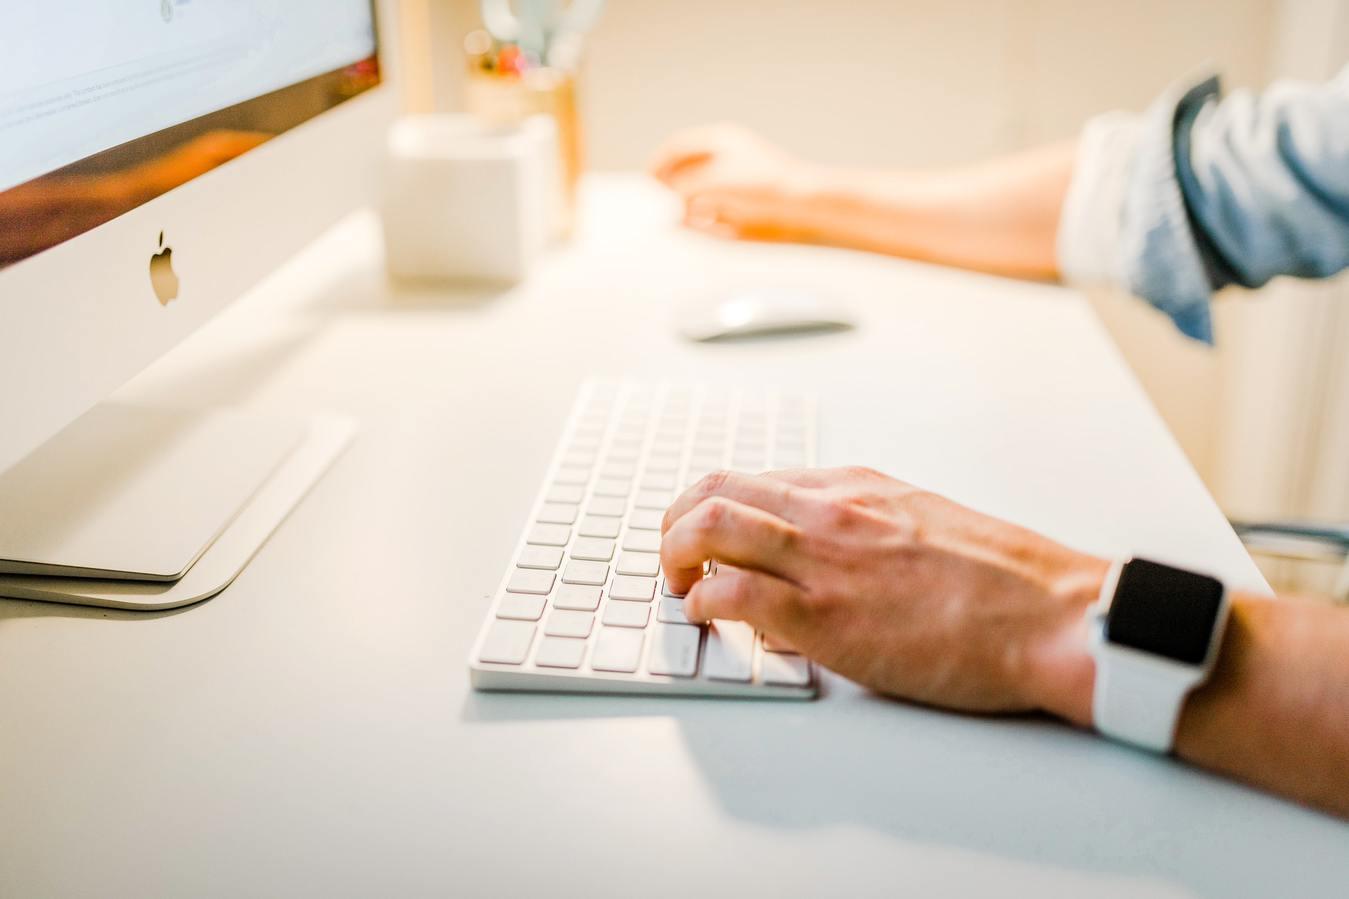 Человек, работающий на настольном компьютере